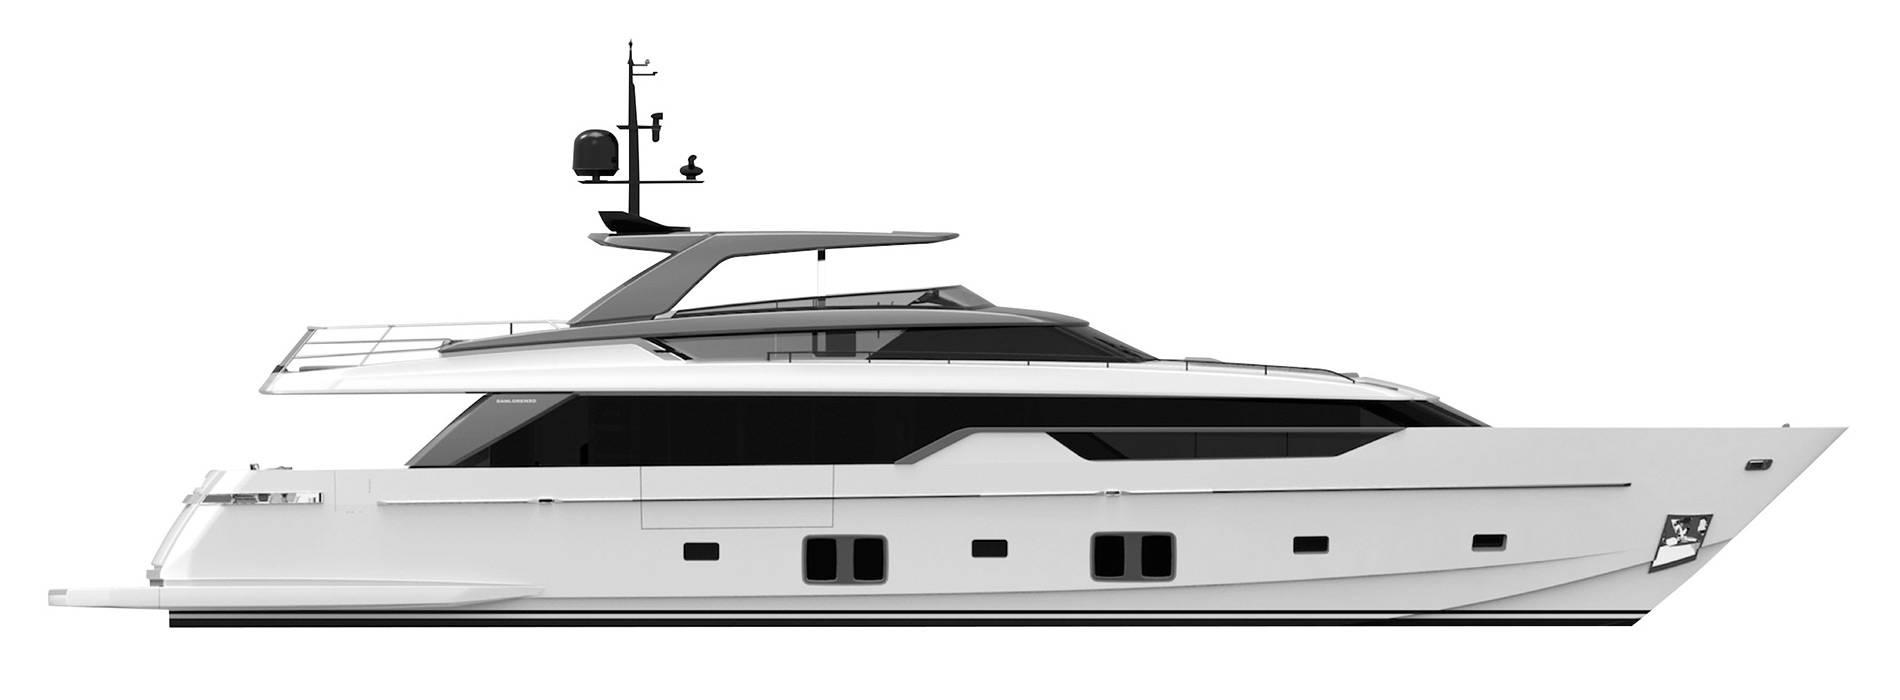 Sanlorenzo Yachts SL102 Asymmetric Profil